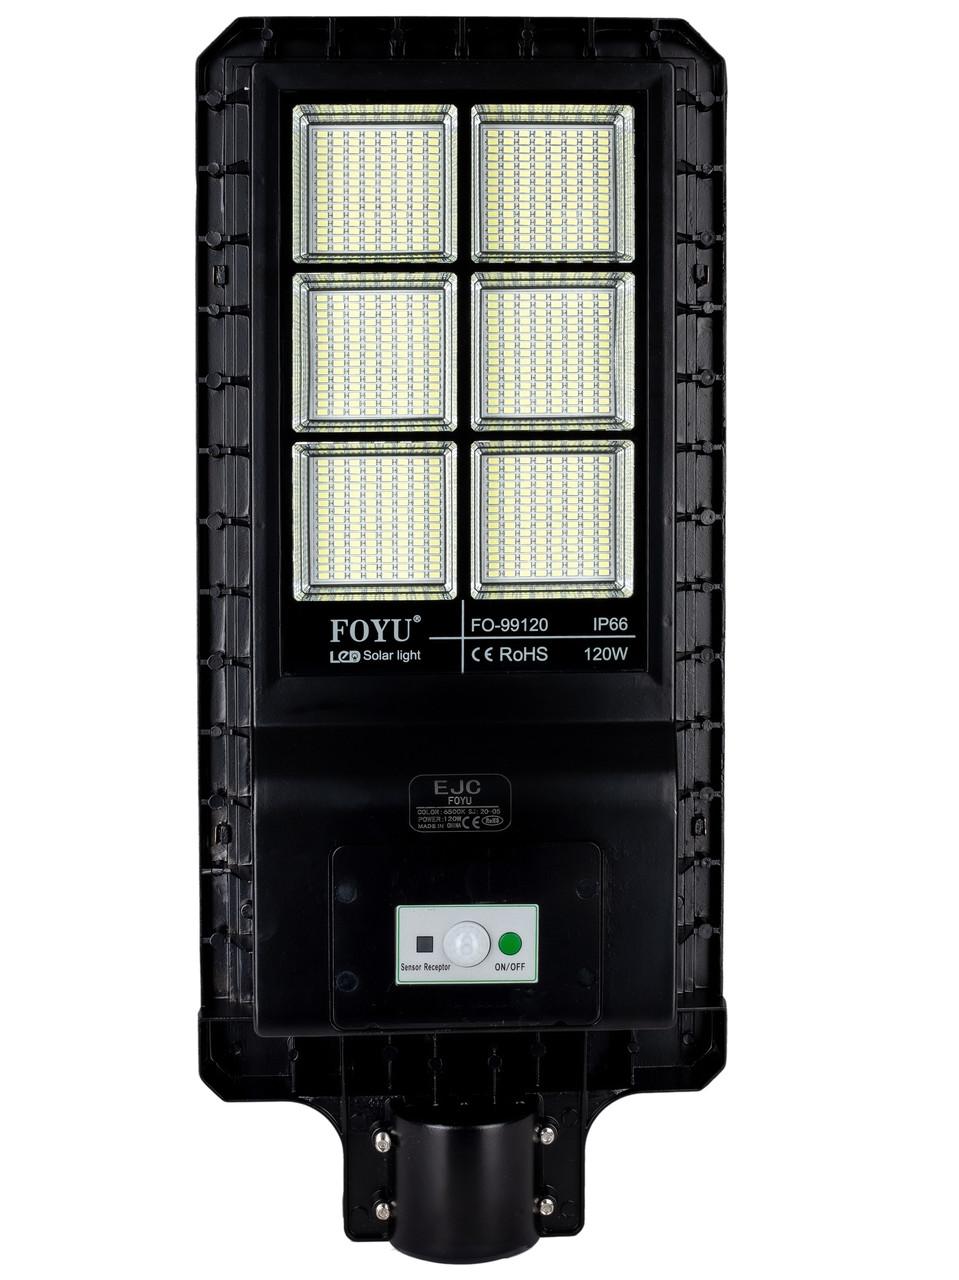 Уличный светильник FOYU LED на солнечной батарее 120W metal Черный (FO-99120)